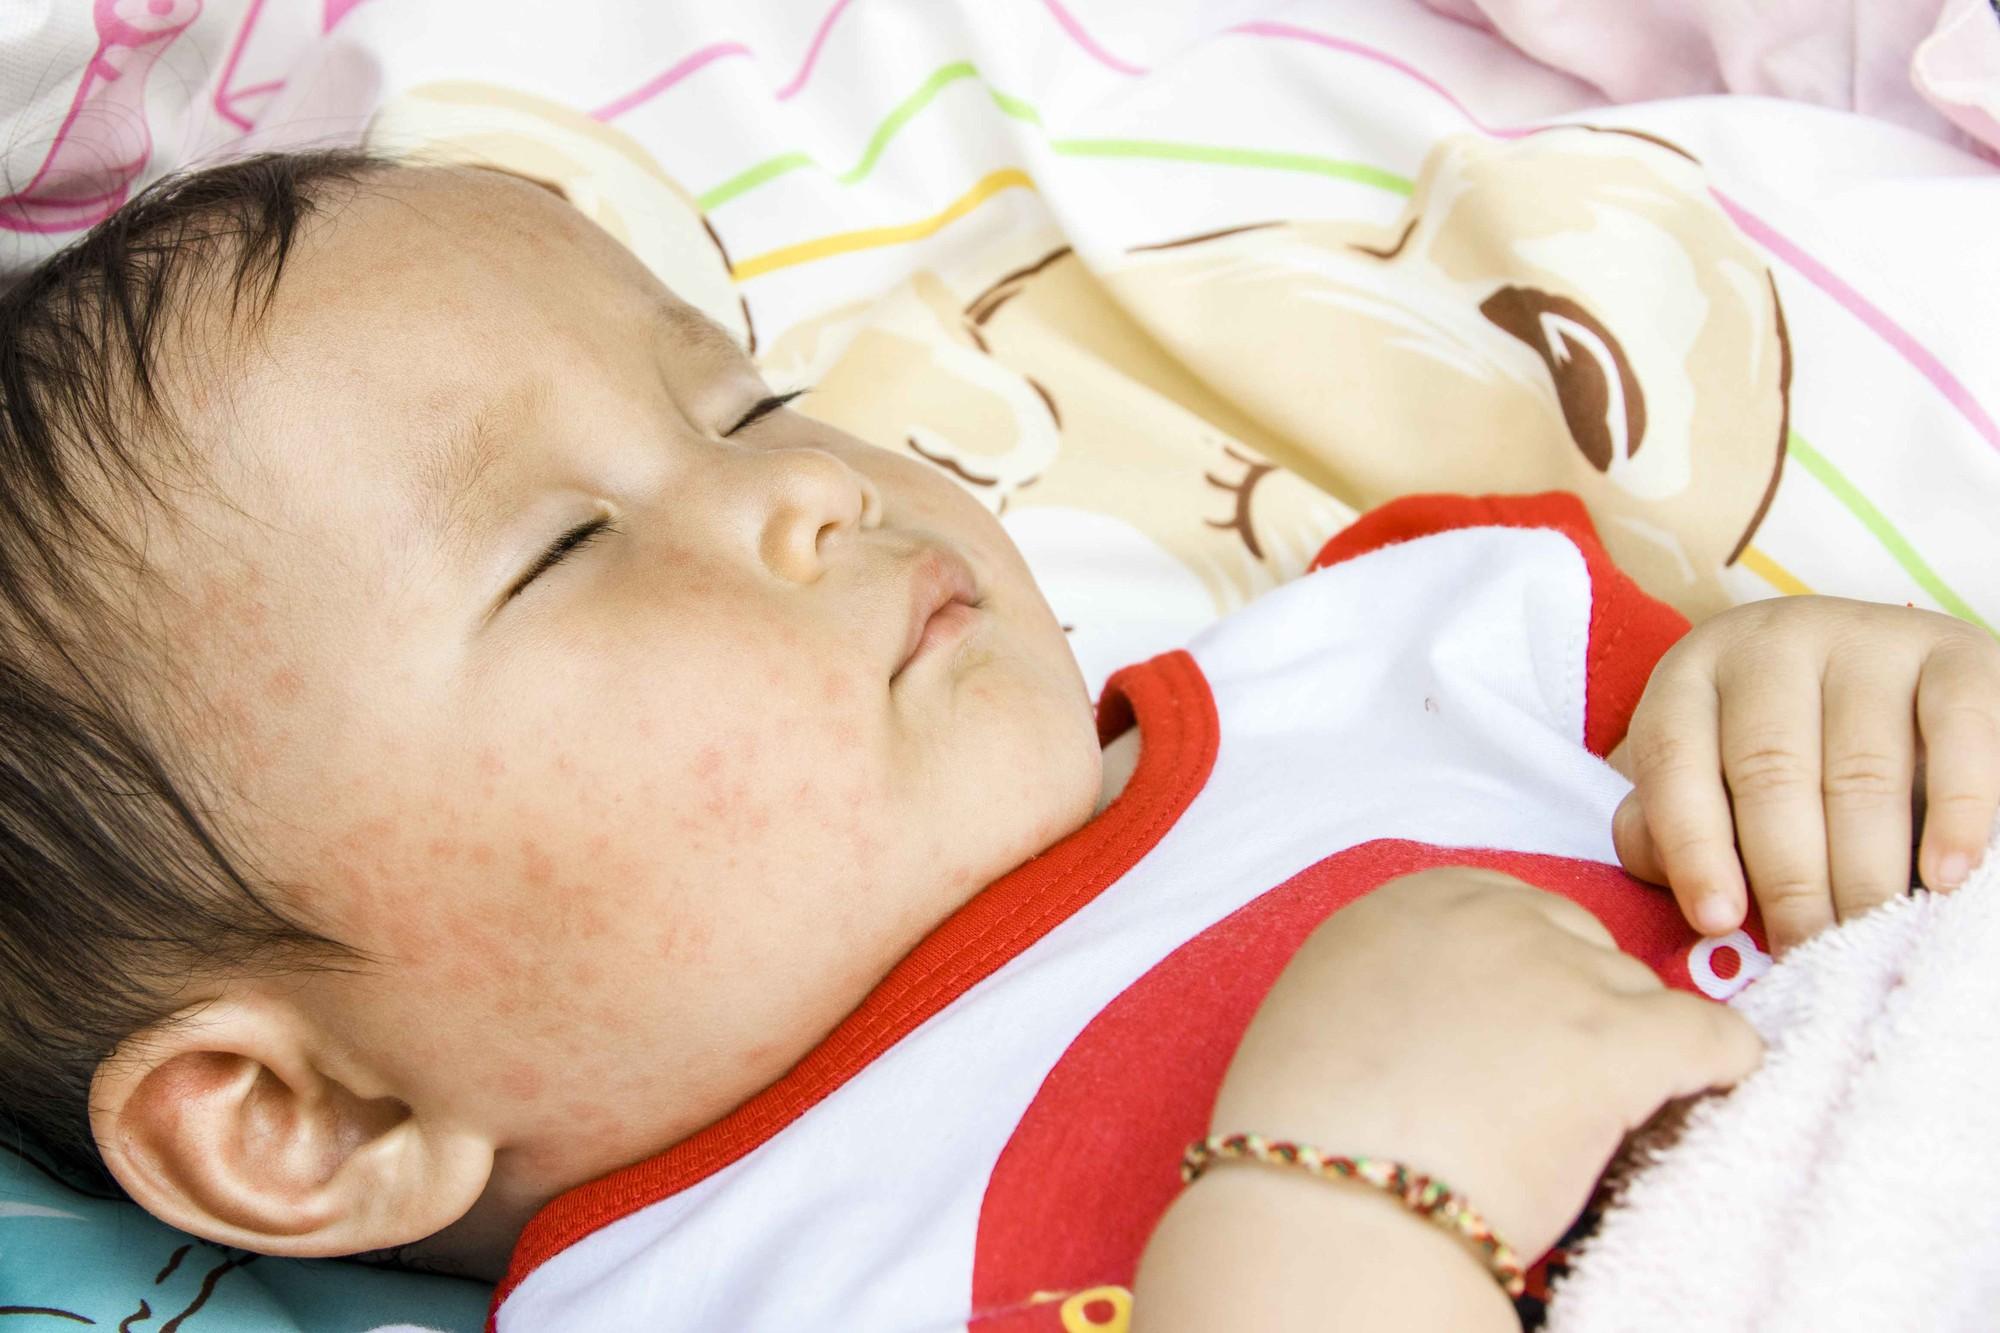 Bé 2 tuổi bị sùi mào gà, 4 tháng tuổi bị bệnh lậu... nguyên nhân do chính thói quen của người lớn vẫn chăm sóc bé hàng ngày-2